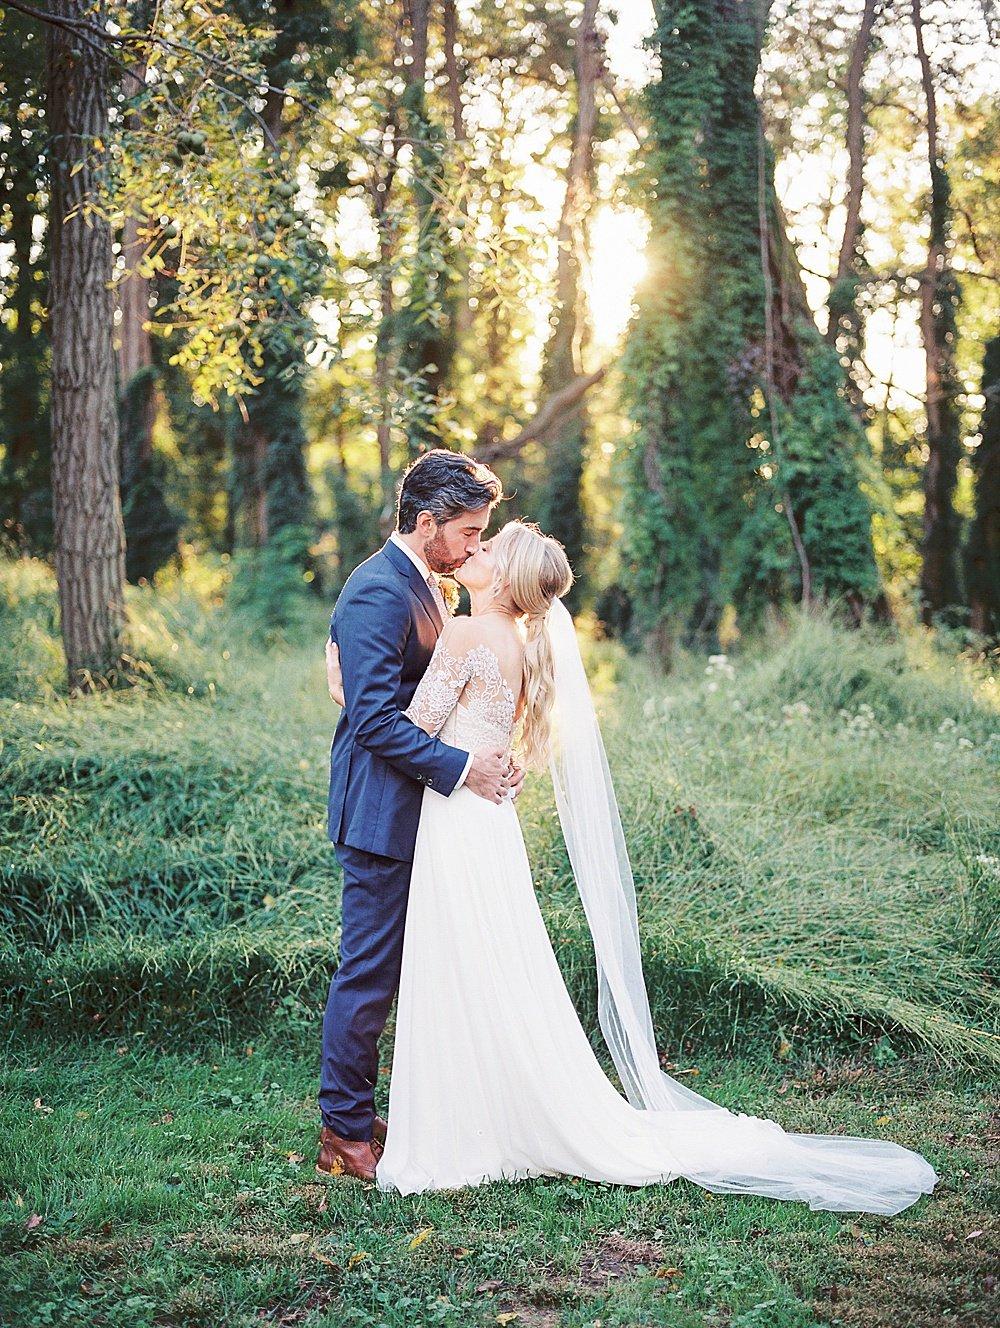 Mount Gulian Wedding in the Hudson Valley | Annie + Matt